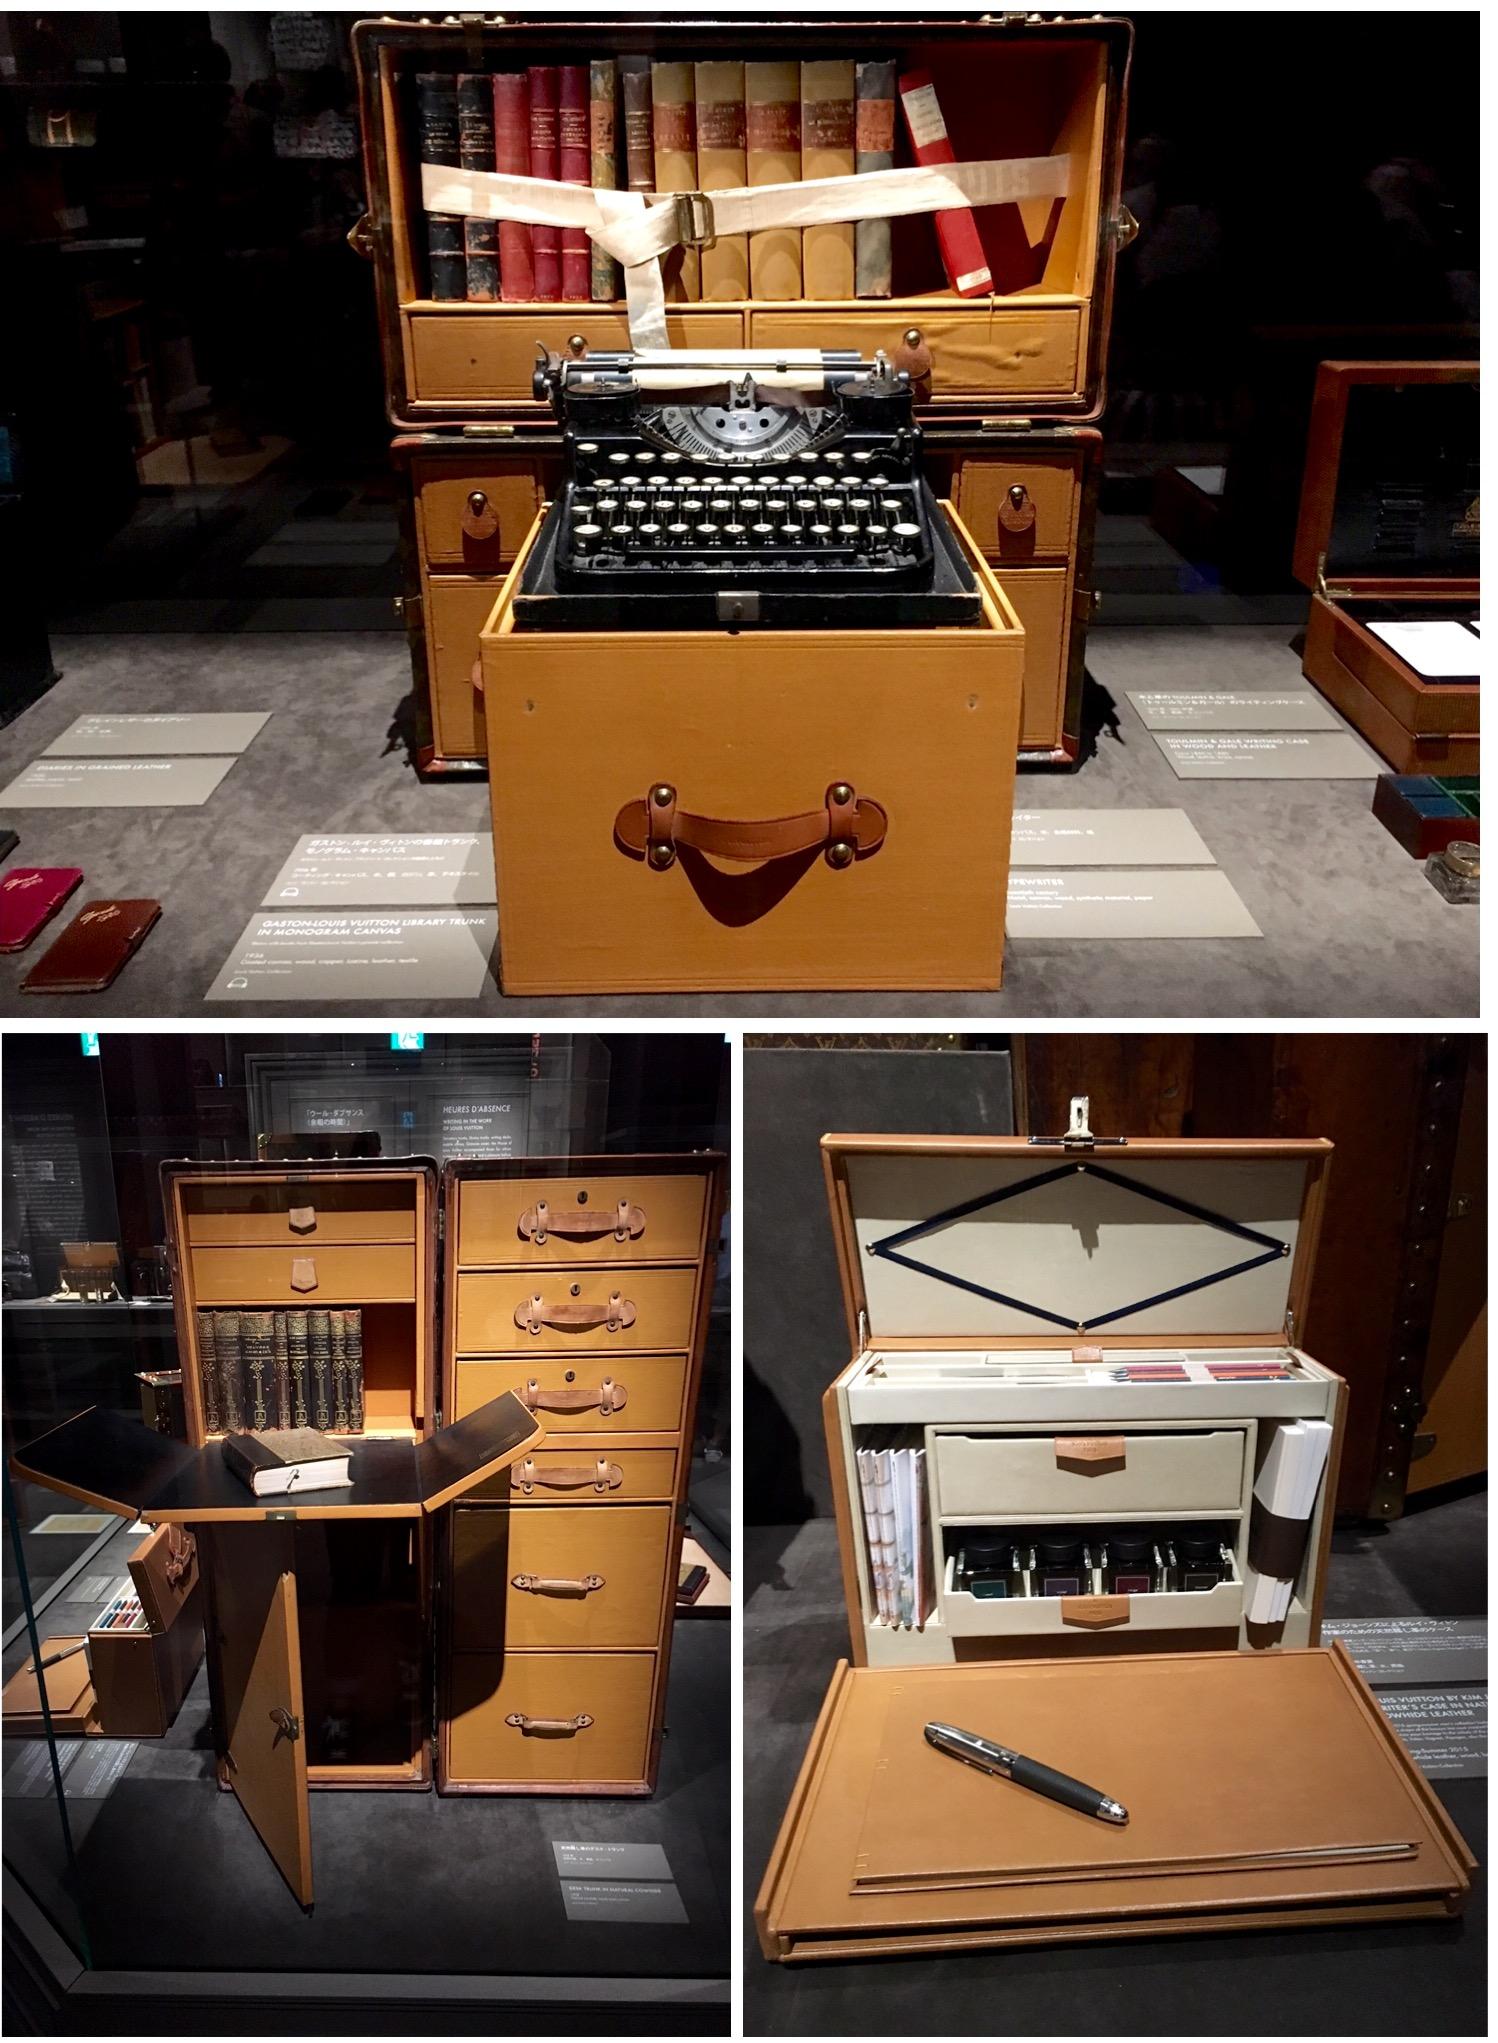 特集#03 今月のびとんリターンズ ~旅するLouis Vuitton展  Report~ (後編)